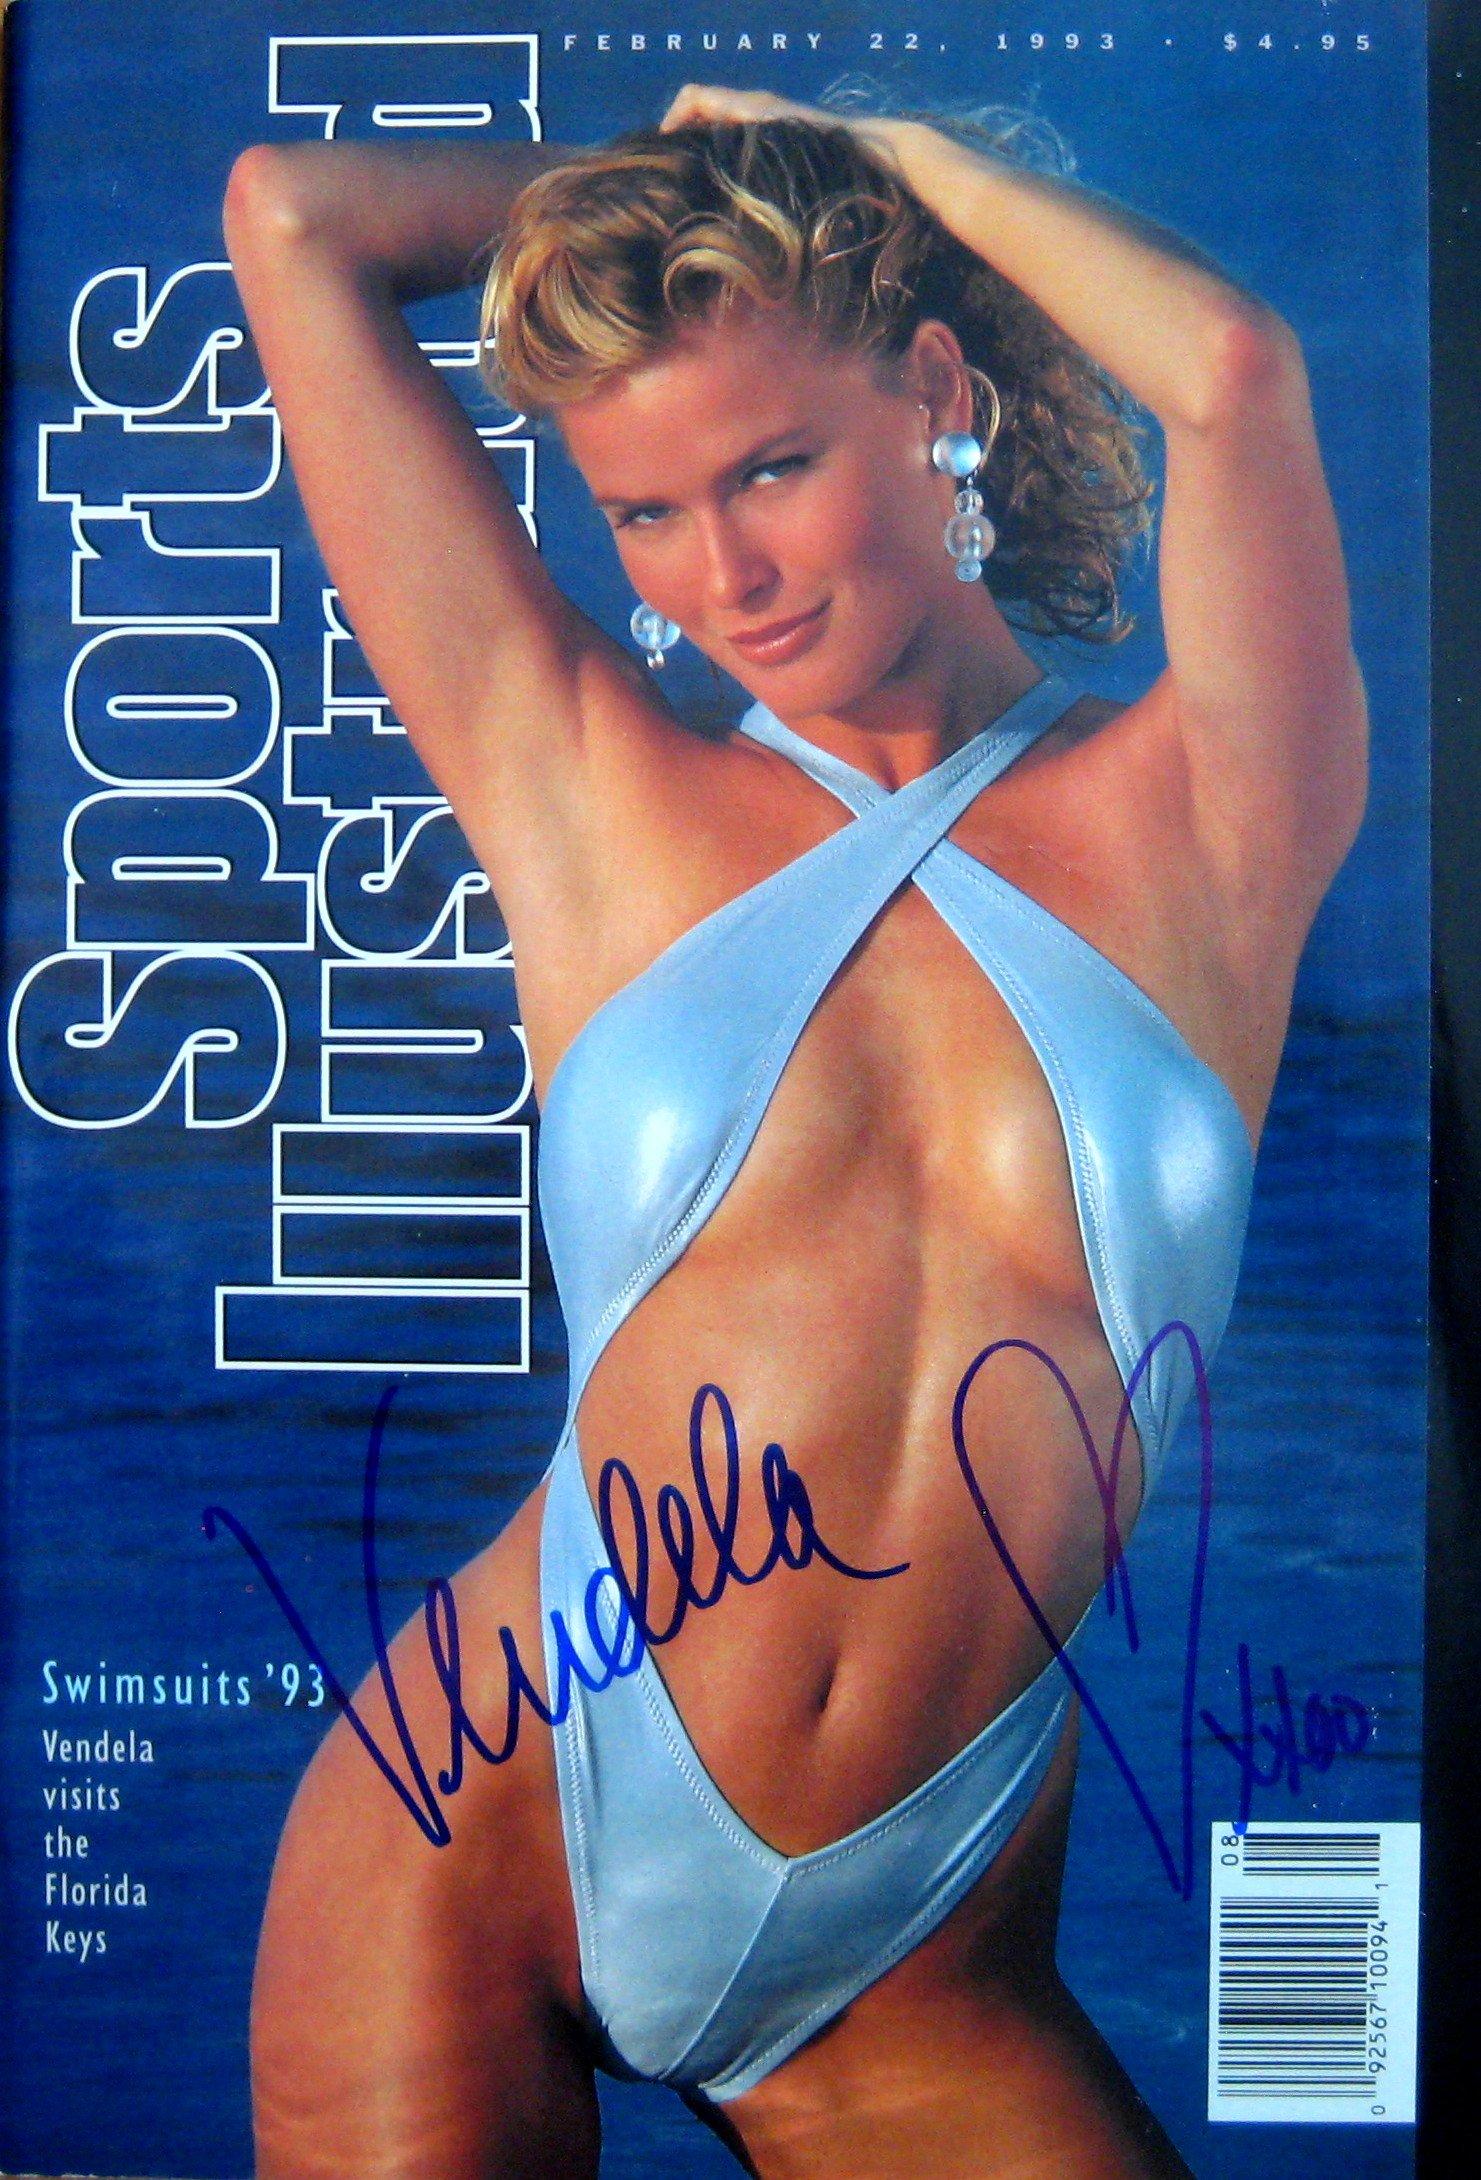 Kirsbom, Vendela 2/22/93 autographed magazine